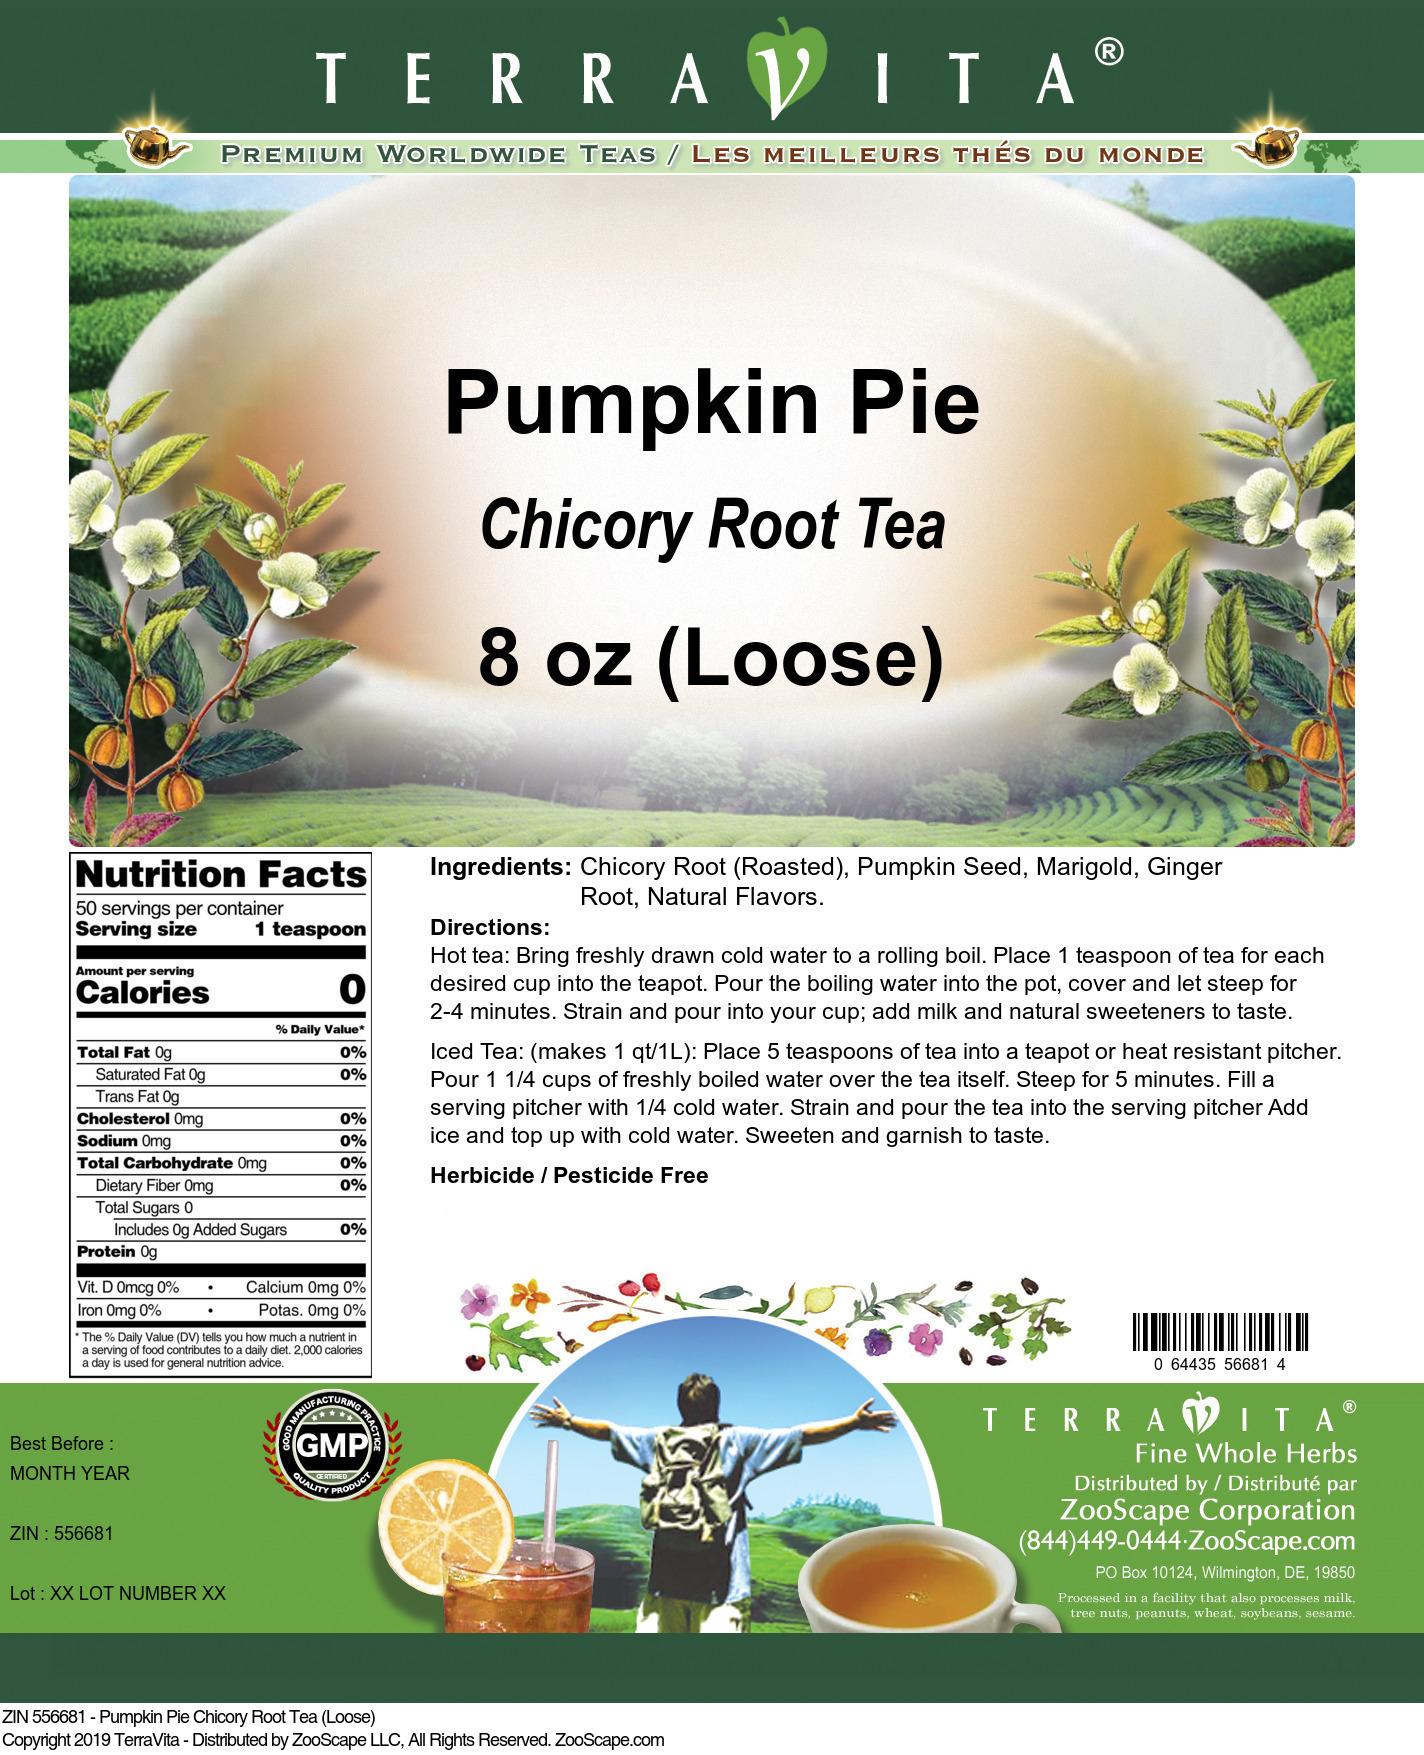 Pumpkin Pie Chicory Root